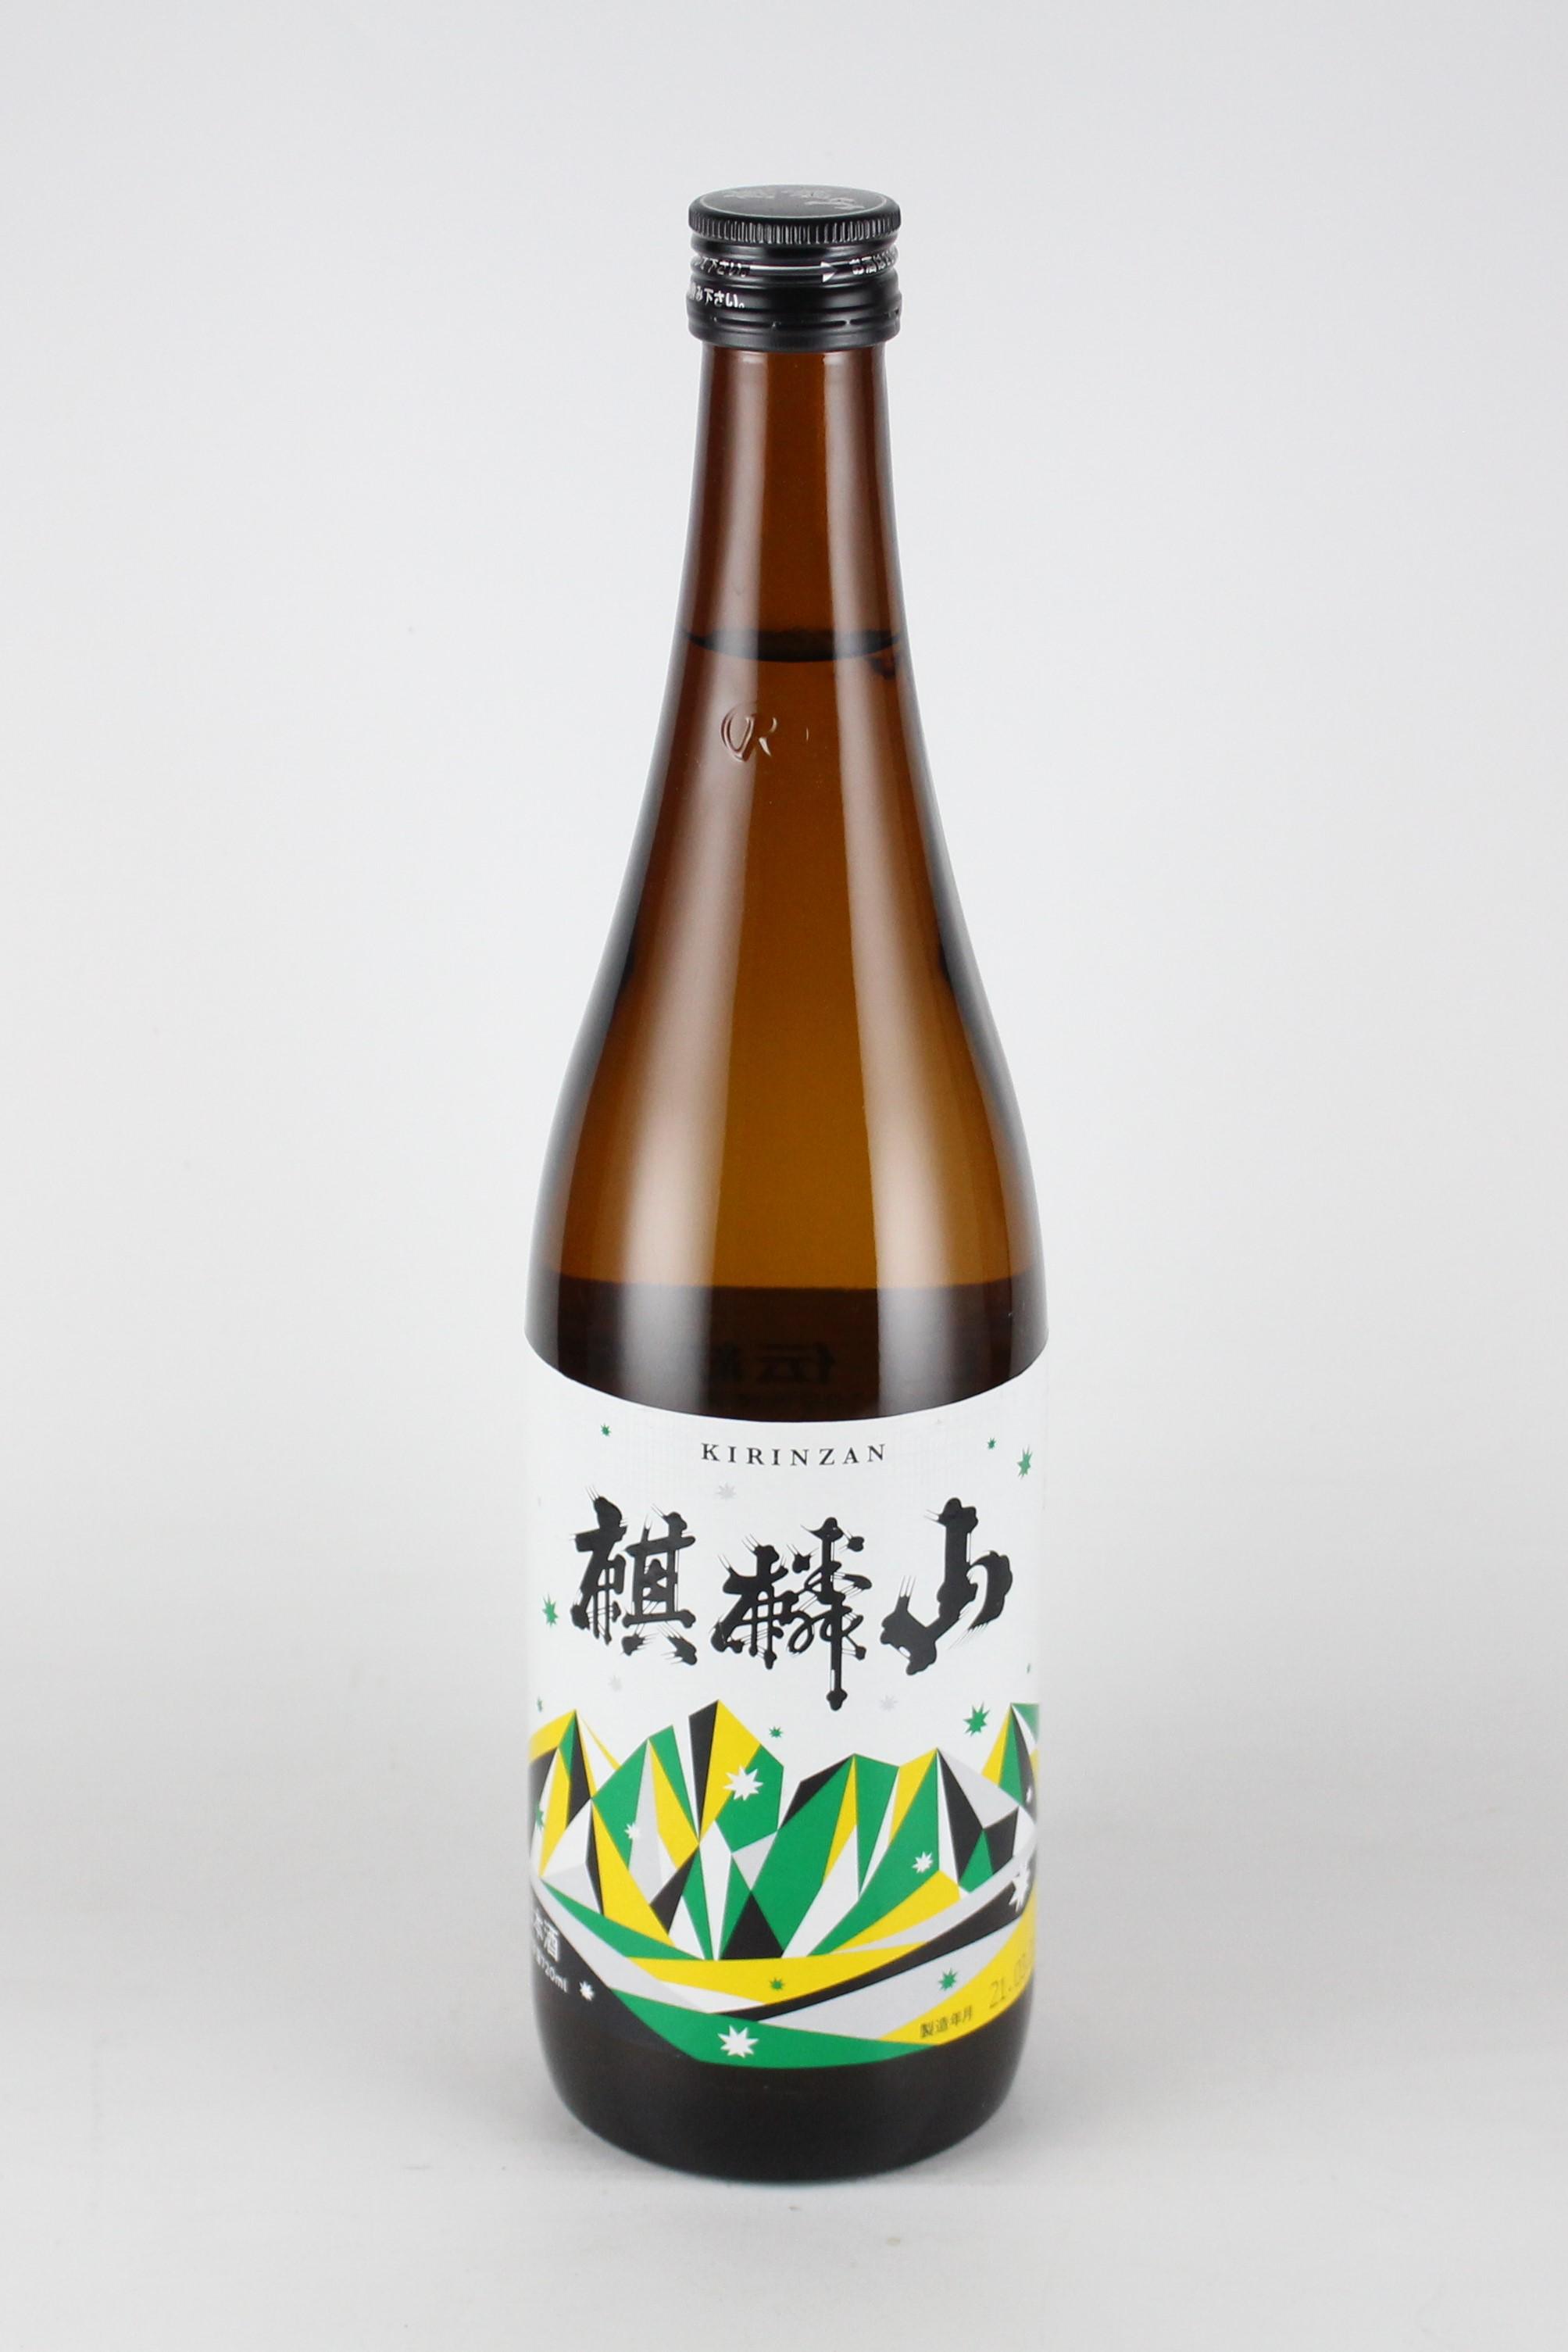 麒麟山 伝統辛口 720ml 【新潟/麒麟山酒造】(淡麗×辛口)